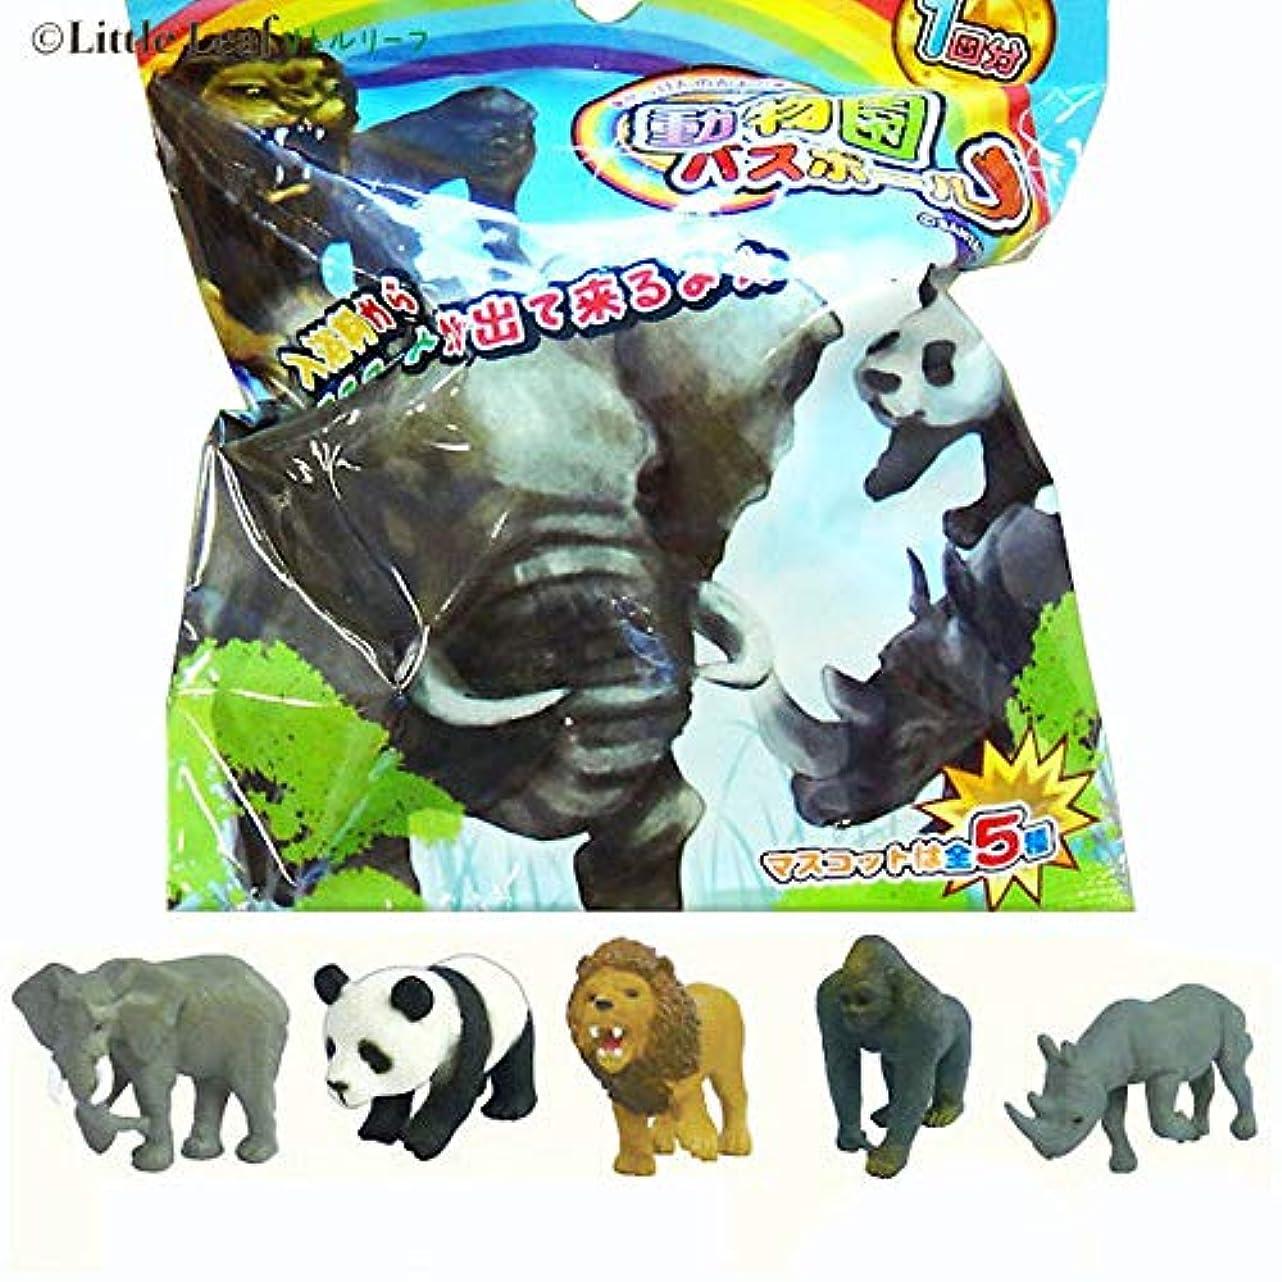 住居状況ベンチャー【5個入り】 動物園 陸の生き物 バスボール せっけんの香り ライオンなどのカッコいい生き物 ☆何が出るかはお楽しみ☆